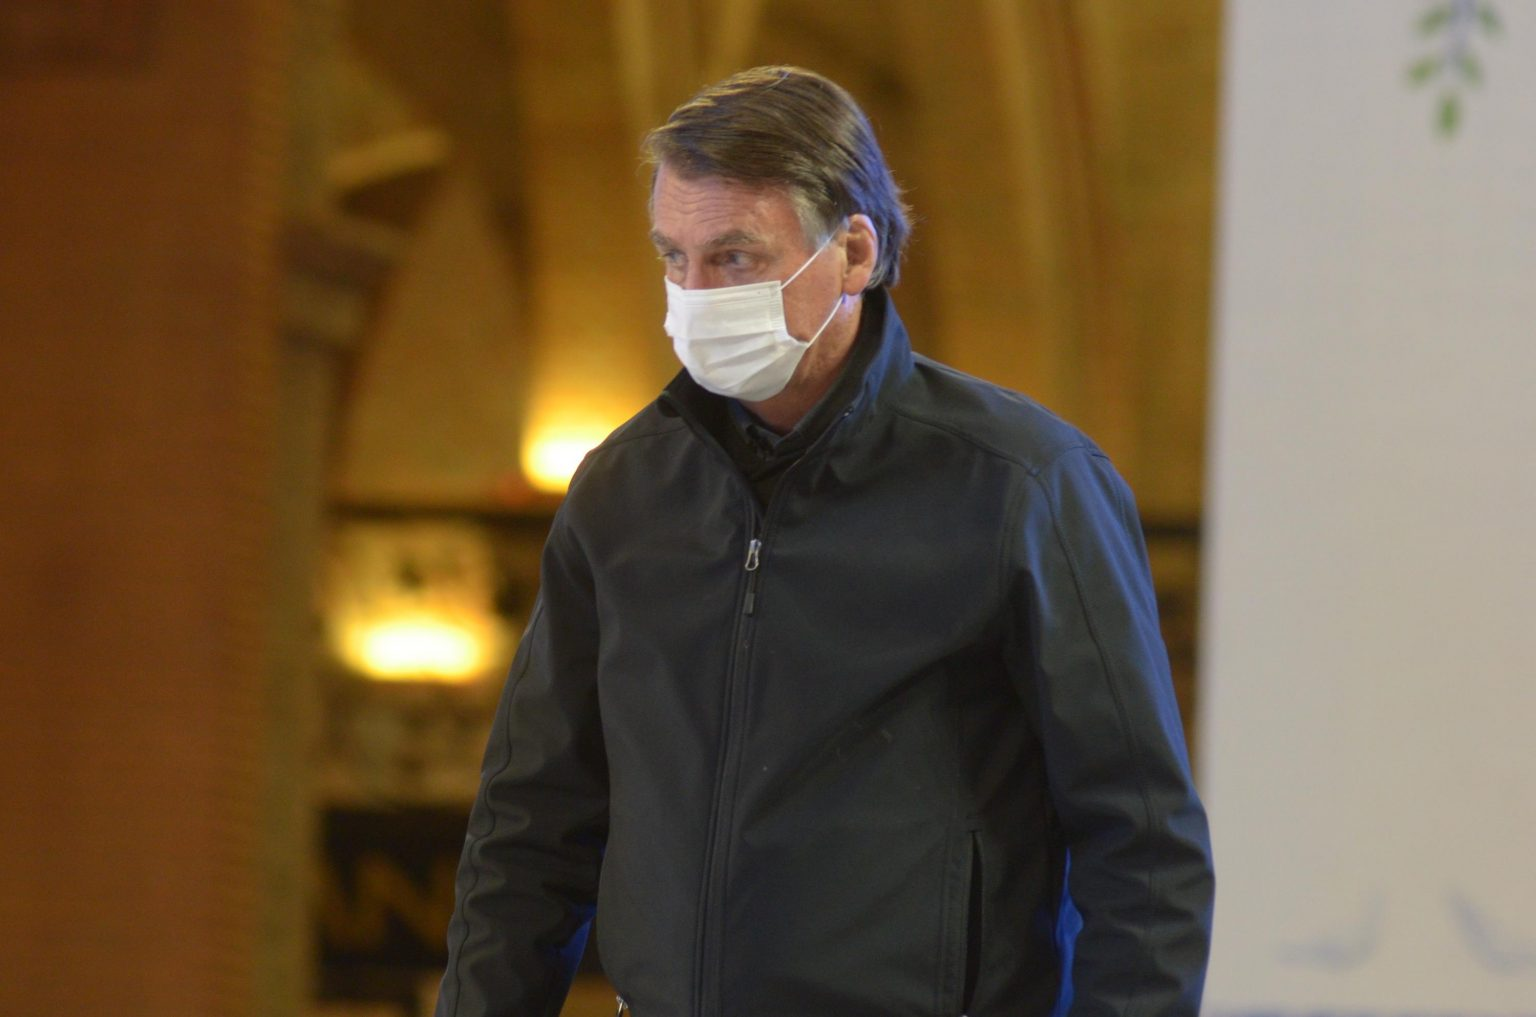 'Decidi não me vacinar contra covid', diz Bolsonaro, contrariando autoridades